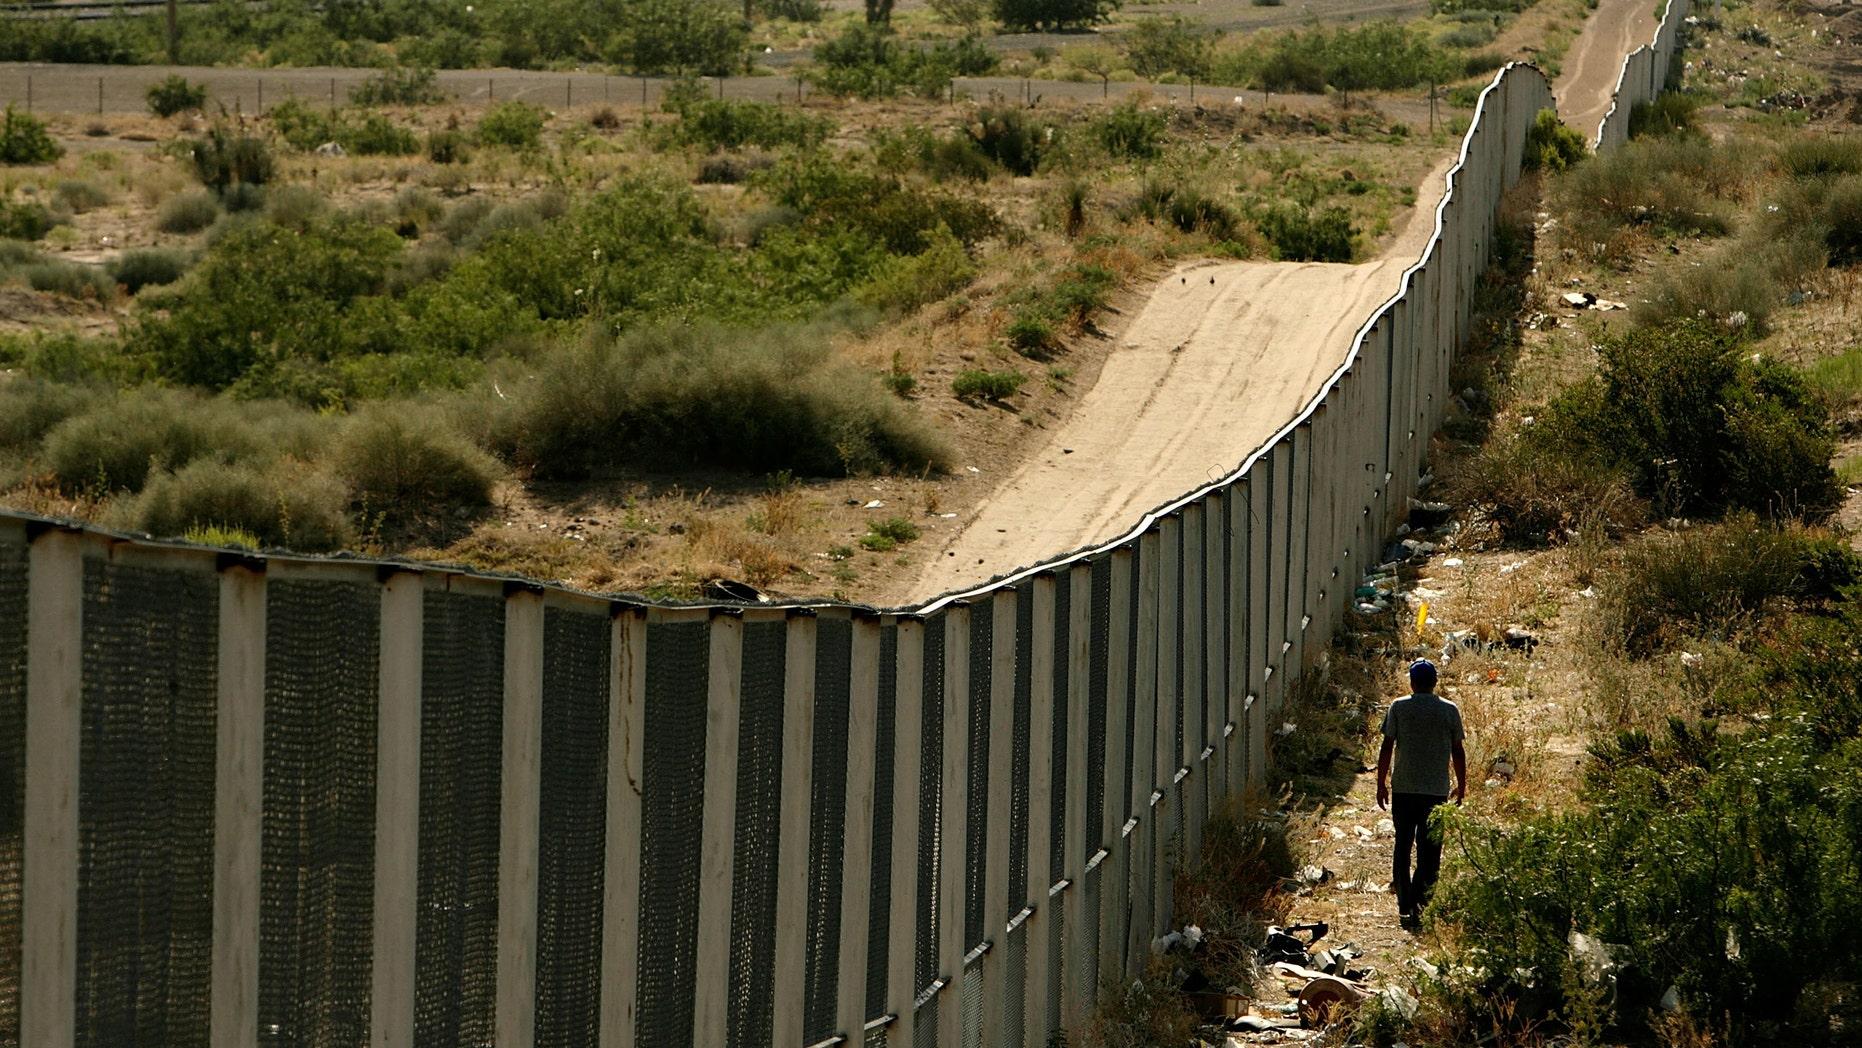 The U.S.-Mexico border at Ciudad Juárez.